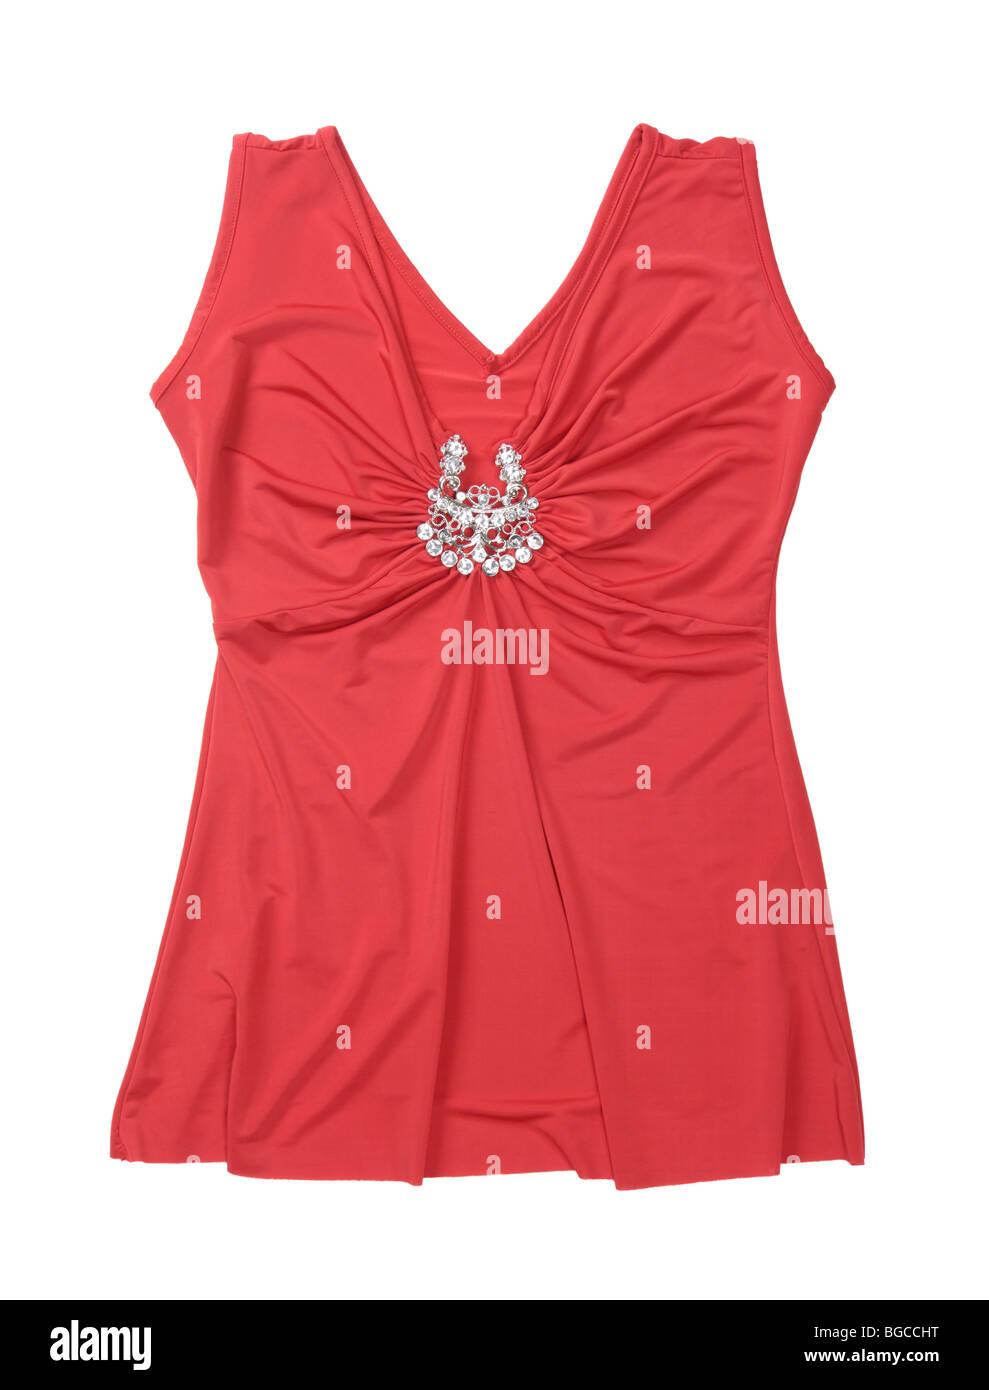 Red fancy sleeveless shirt isolated on white background - Stock Image